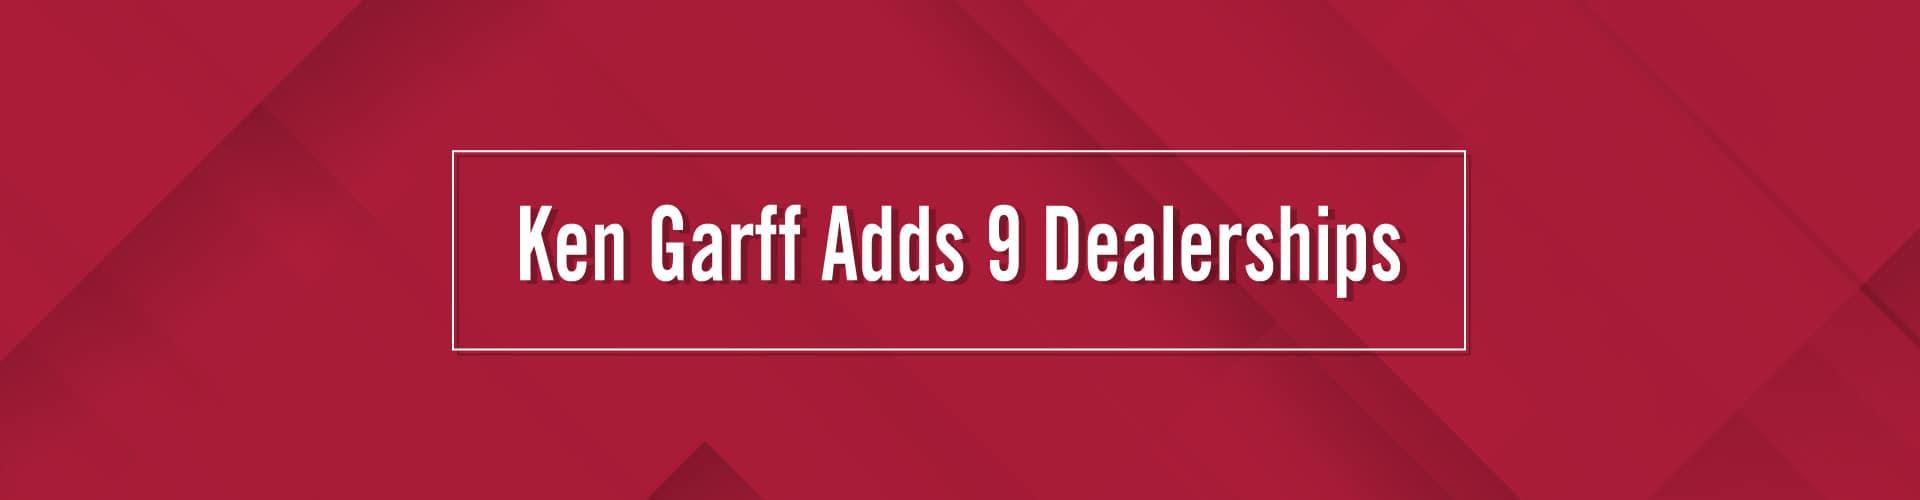 KGC_11303_InTheNews_0821_CMK_Dealerships